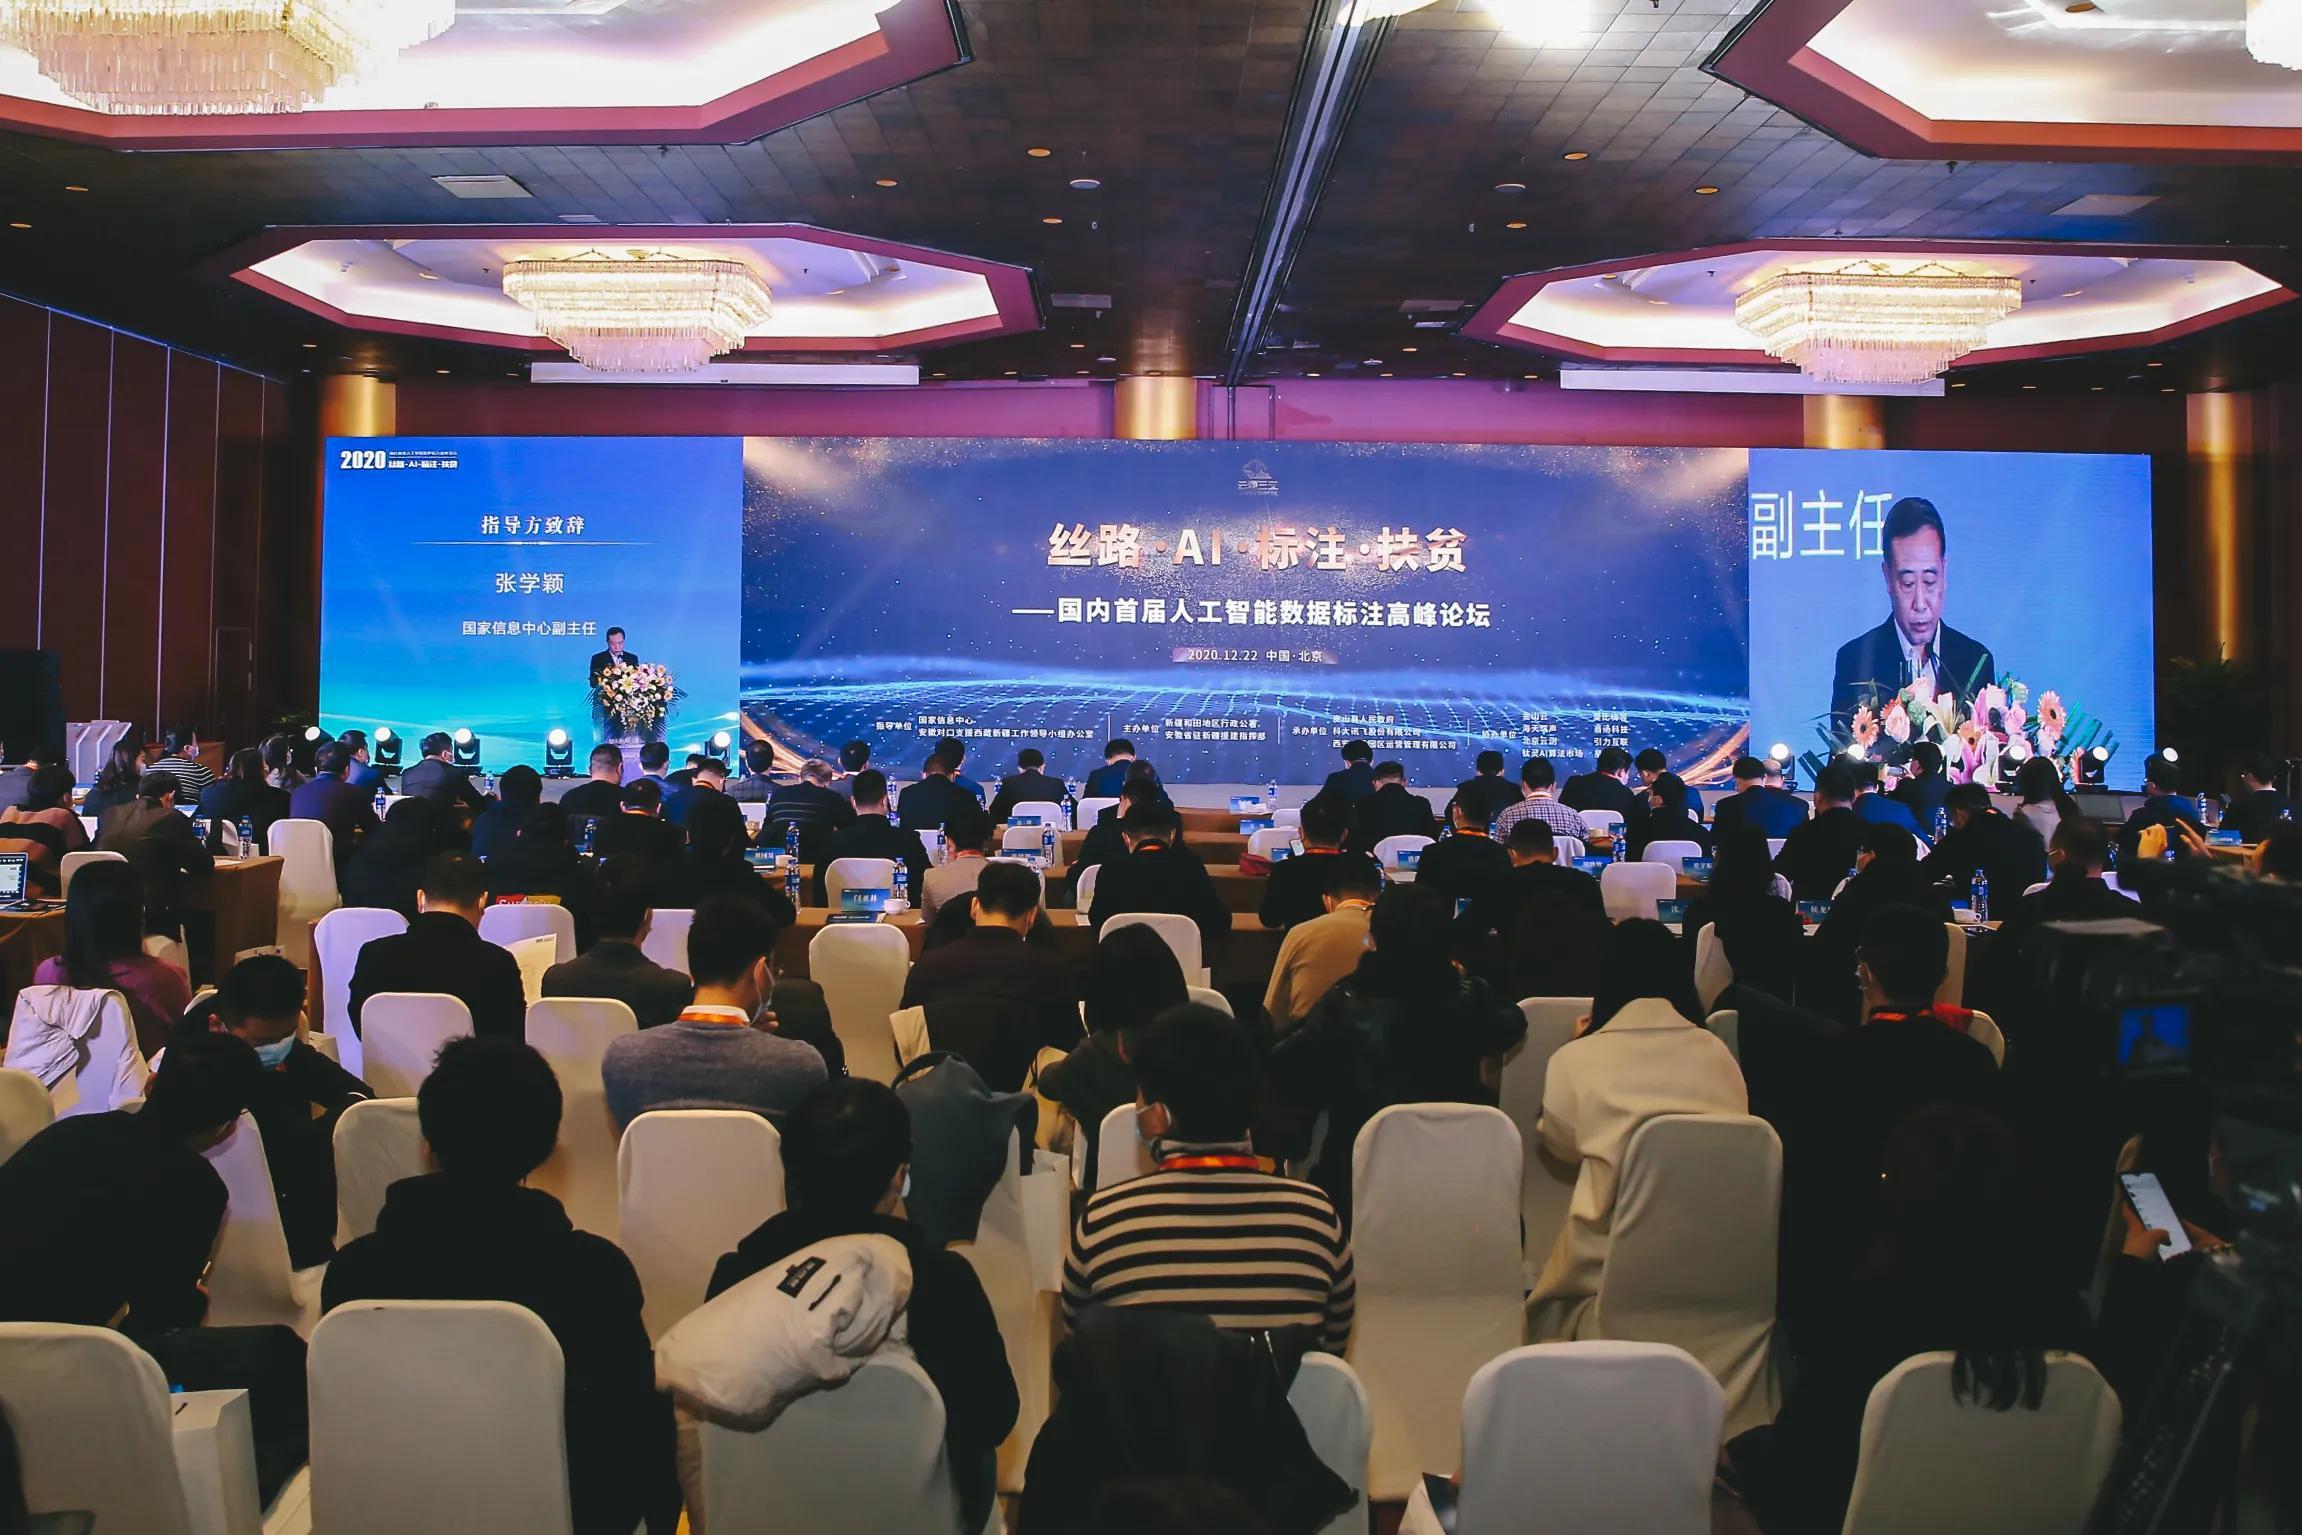 丝路•AI•标注•扶贫-首届人工智能数据标注高峰论坛在京举办